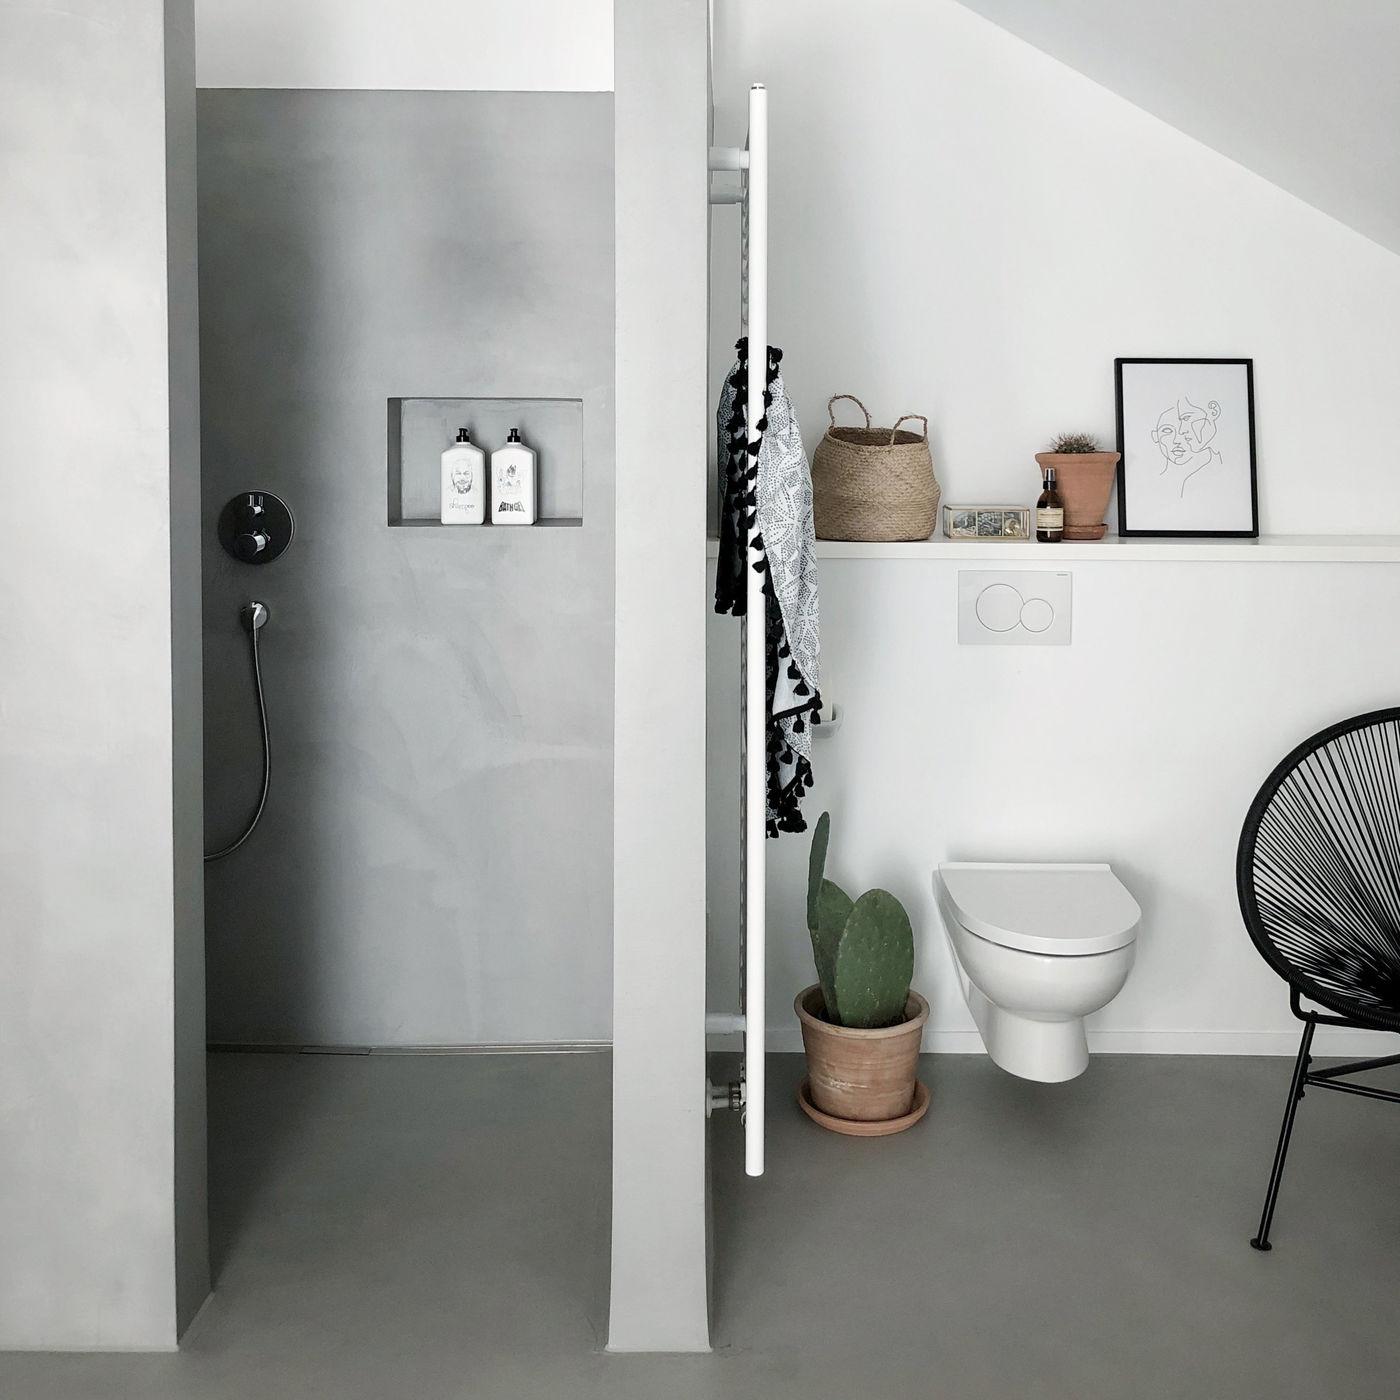 Dusche Fliesen Ideen.Ideen Für Deine Dusche 100 Bilder Aus Echten Wohnungen